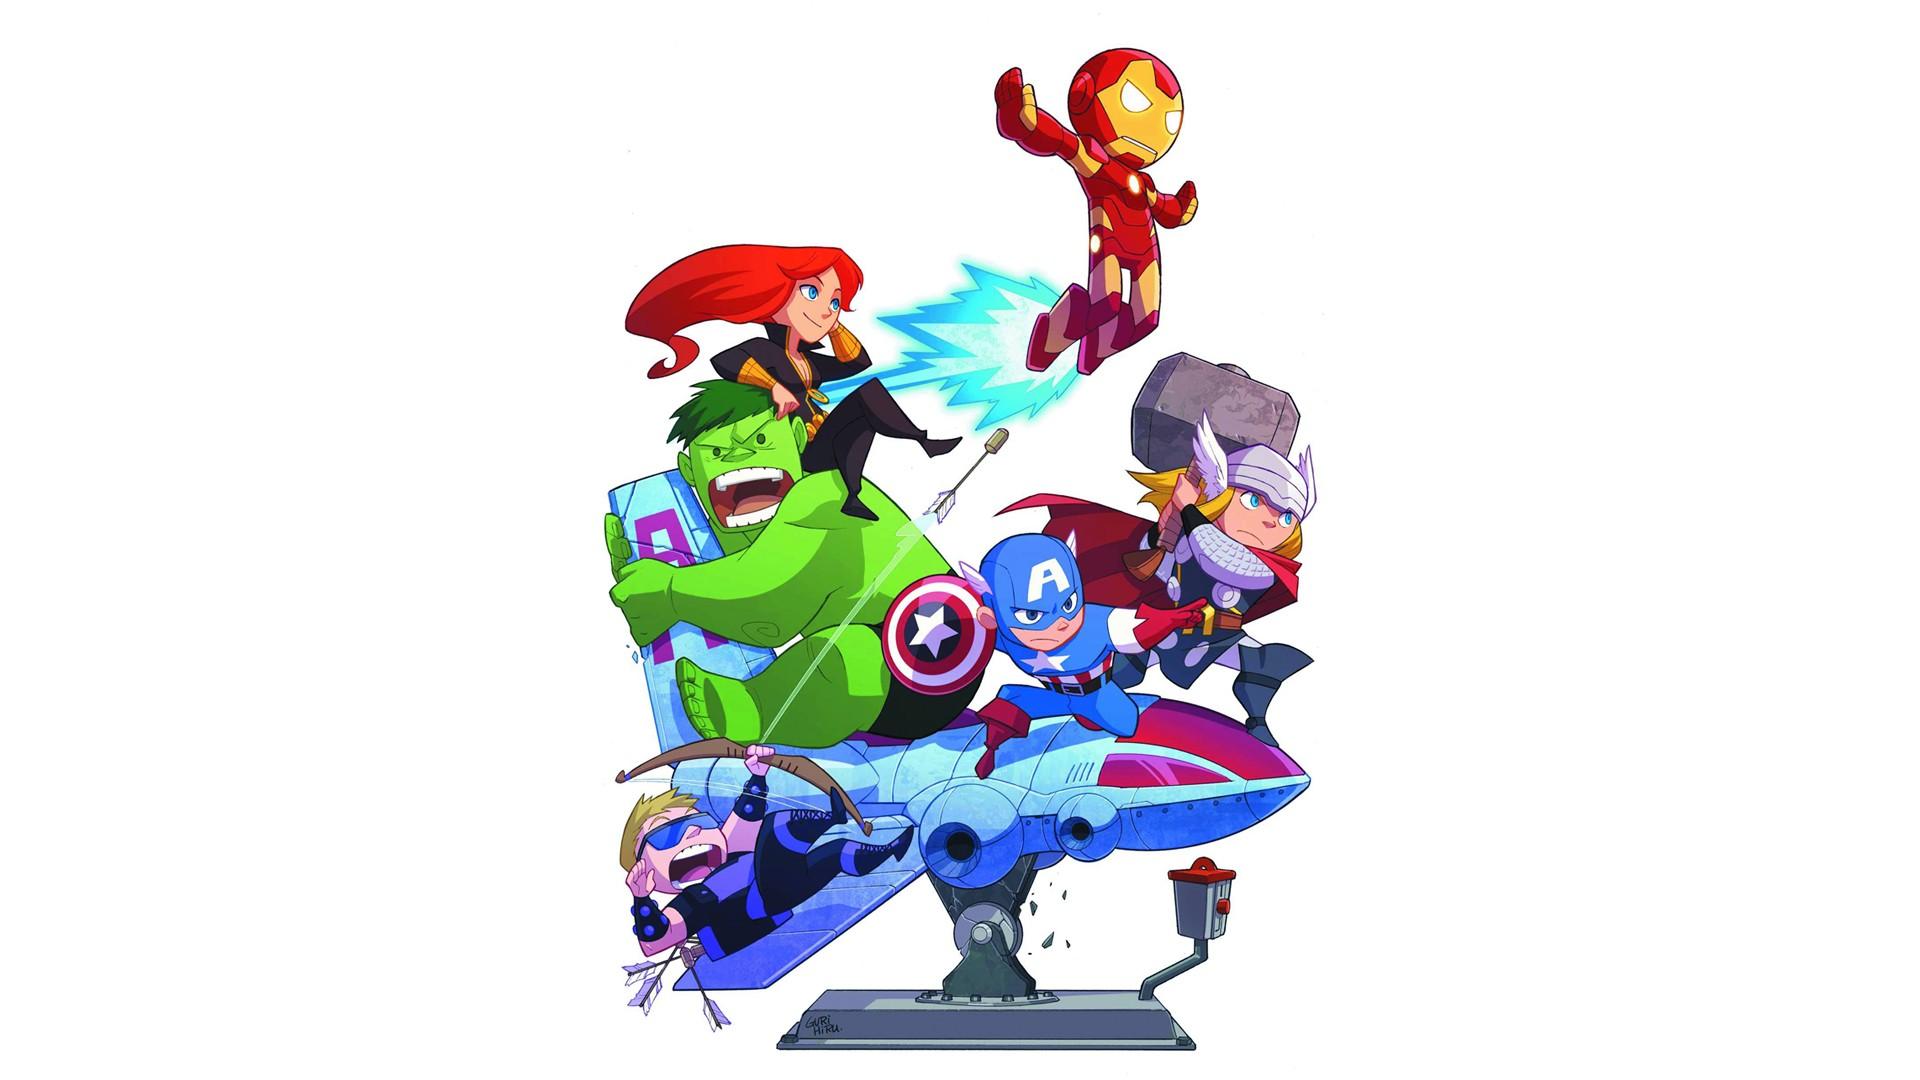 Papel De Parede Ilustracao Thor Desenho Animado Homem De